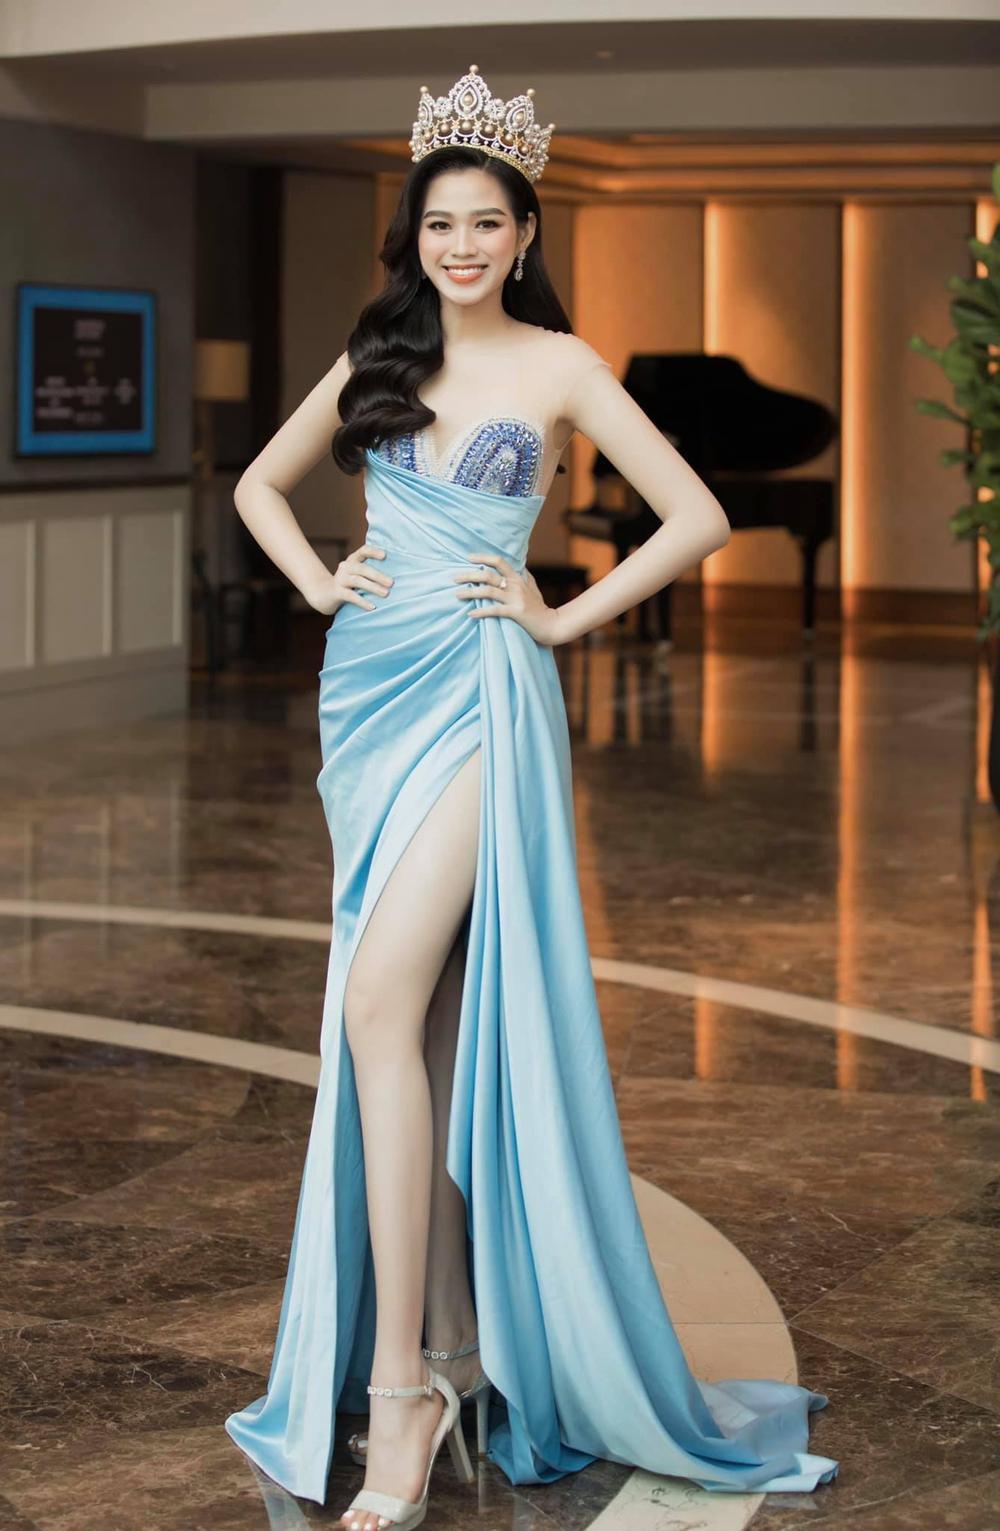 Đại diện Lào tại Miss World bị chê kém xinh ở tuổi 30, Đỗ Thị Hà nhan sắc rực rỡ đàn áp đối thủ châu Á Ảnh 18